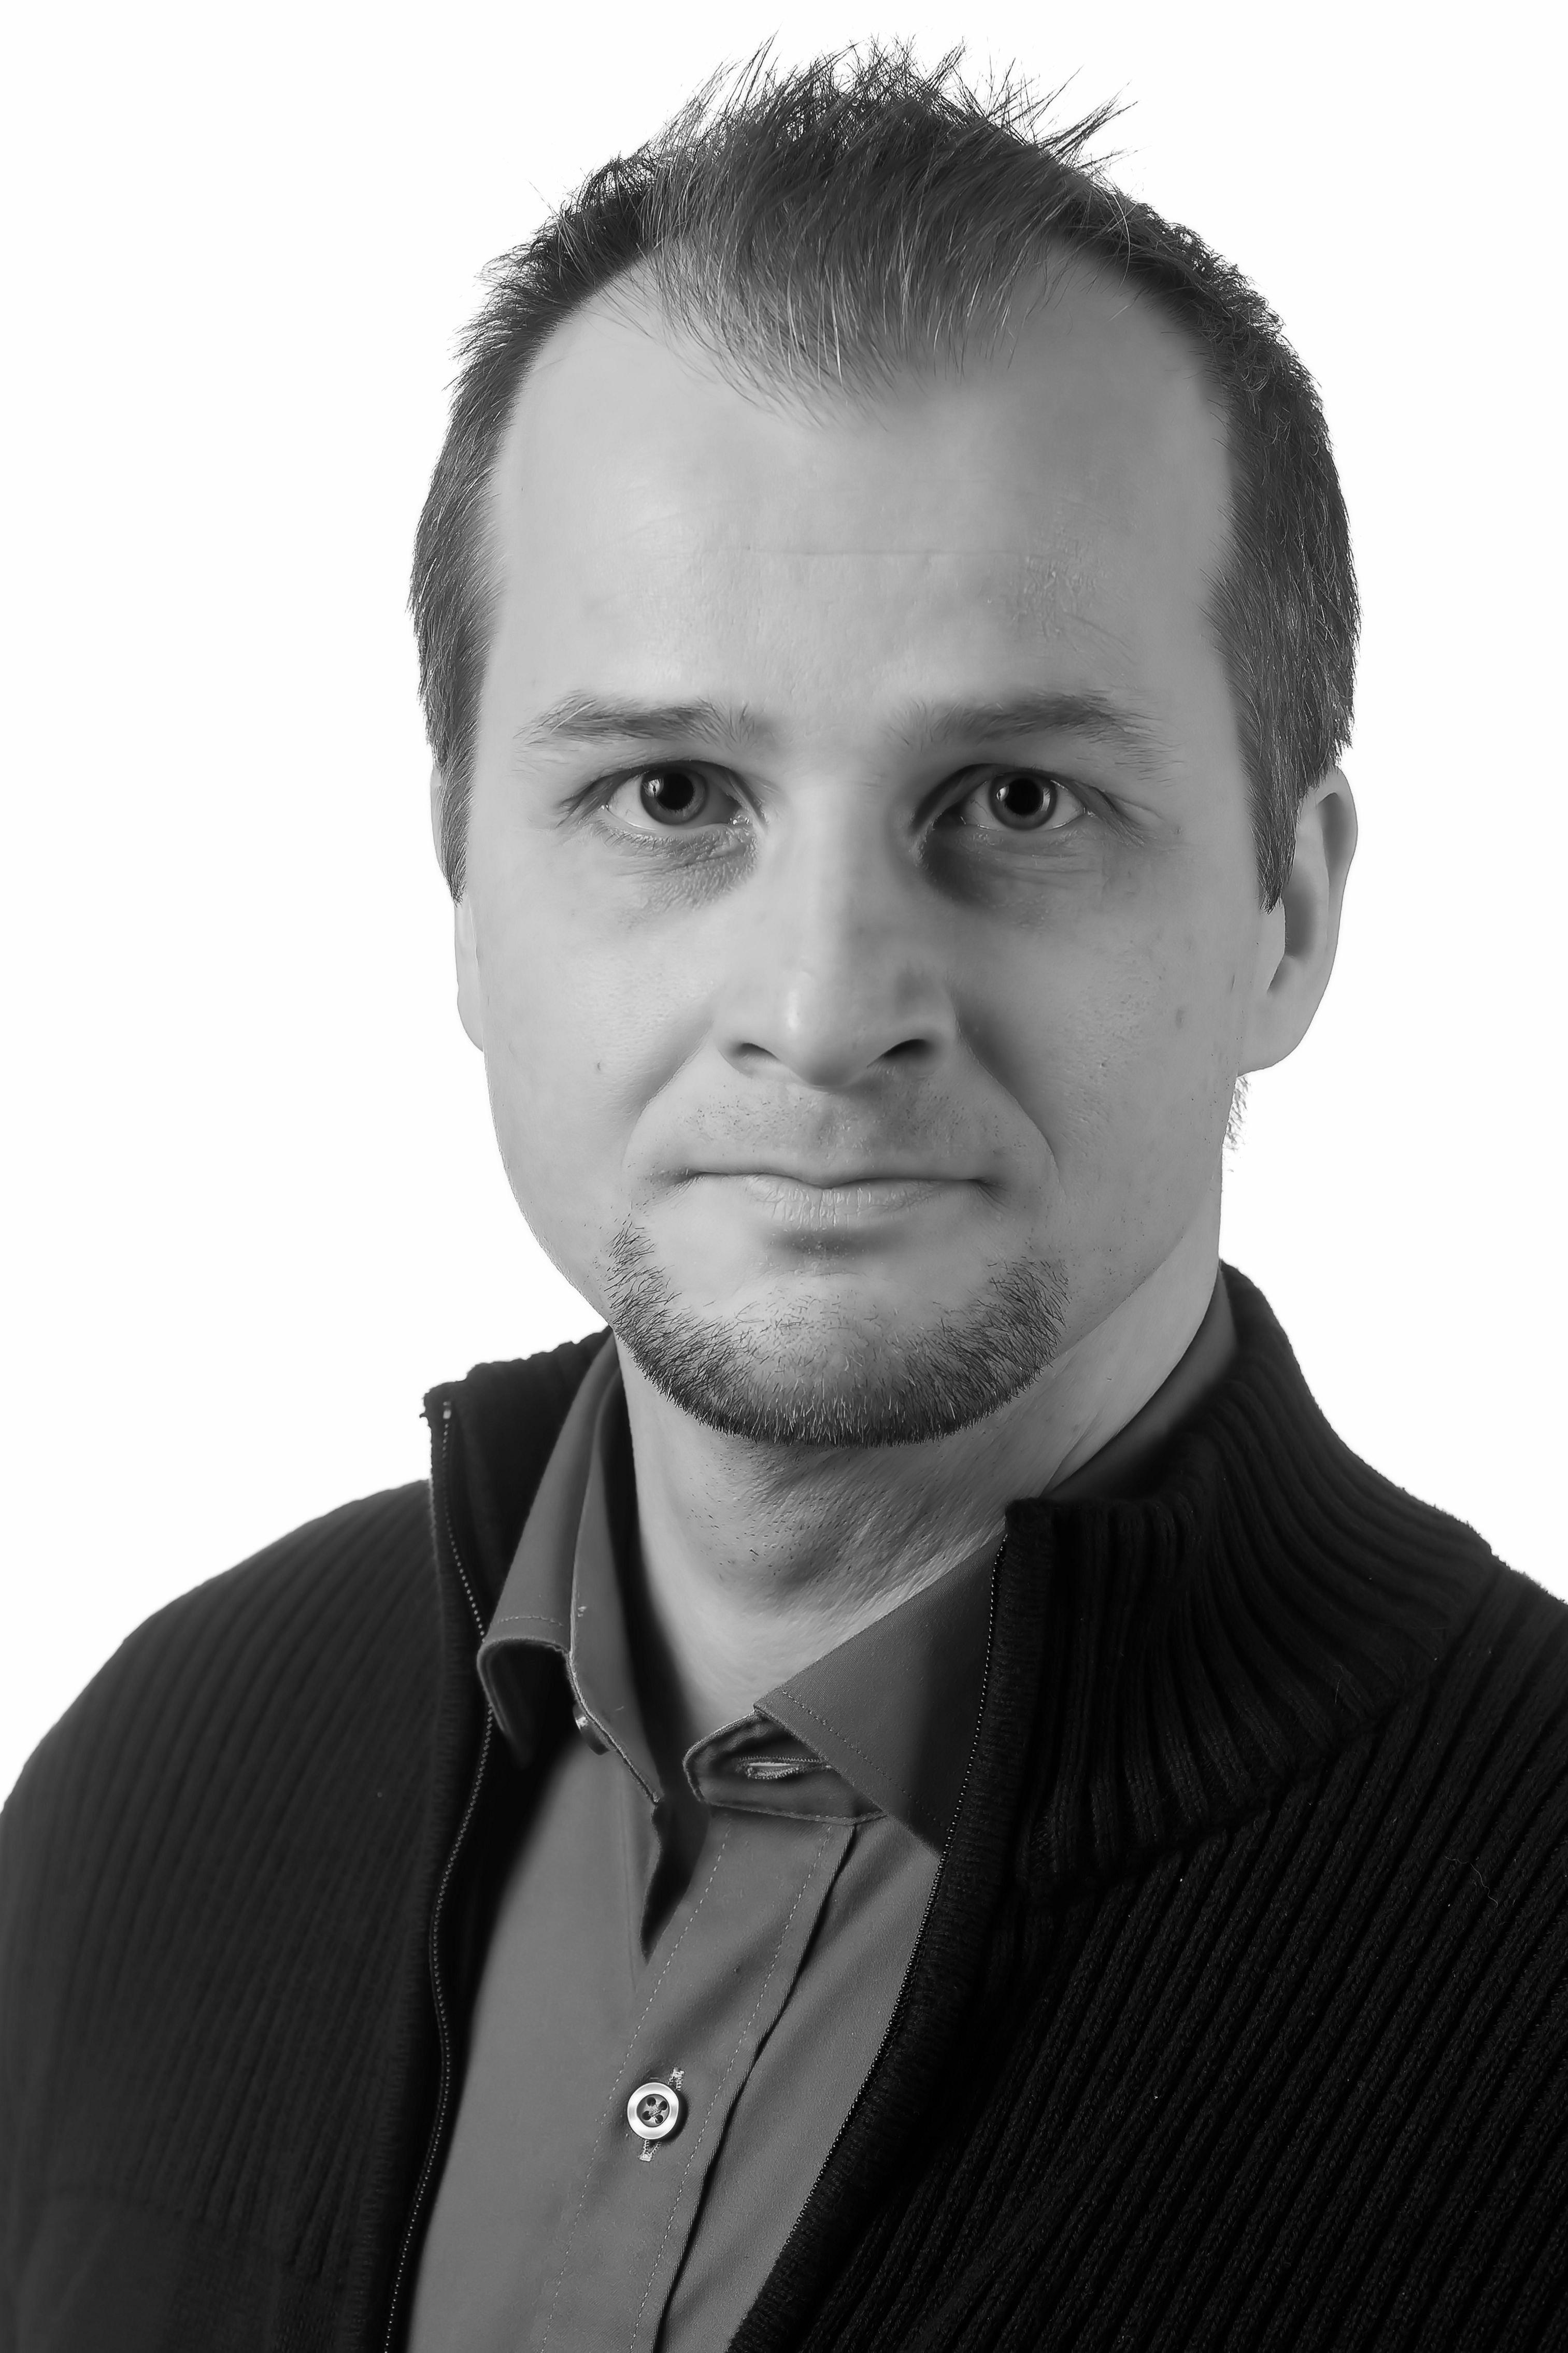 Janne Kärki